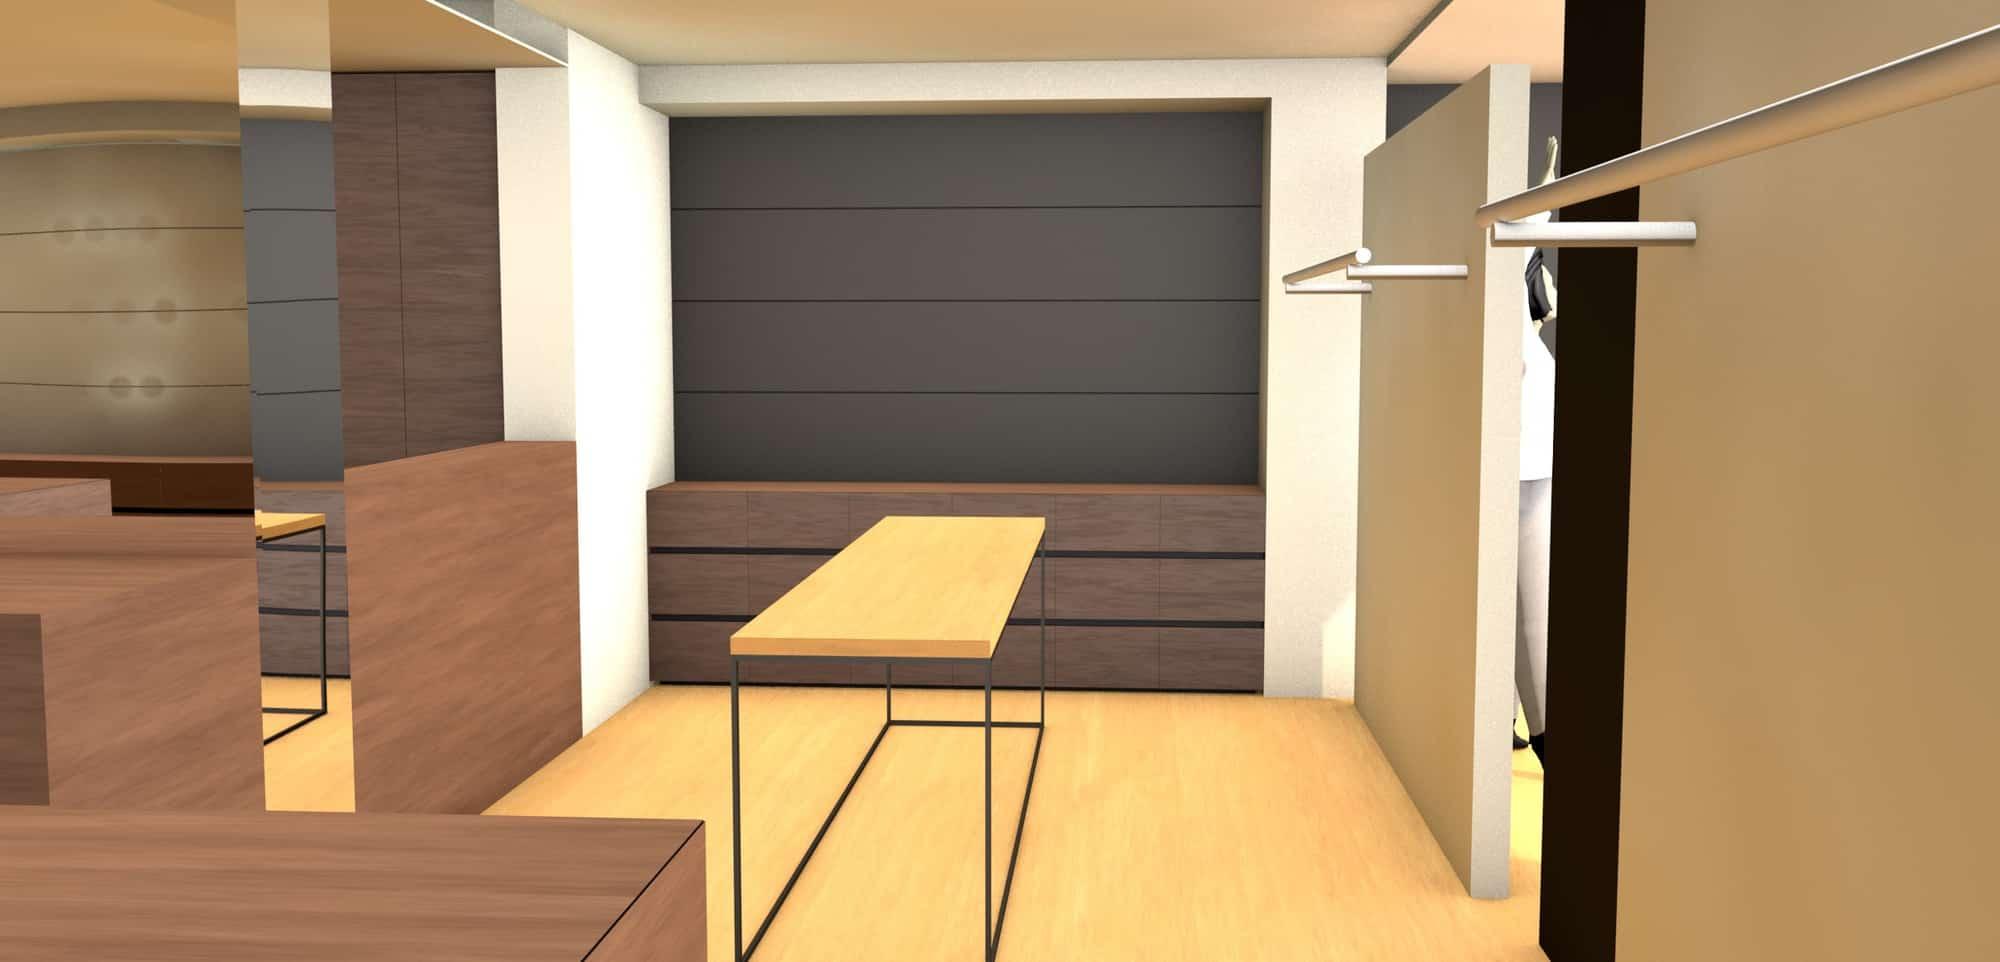 Detail afbeelding 6 van Elegance Lingerie Genk | Ontwerp door architect Patrick Strackx